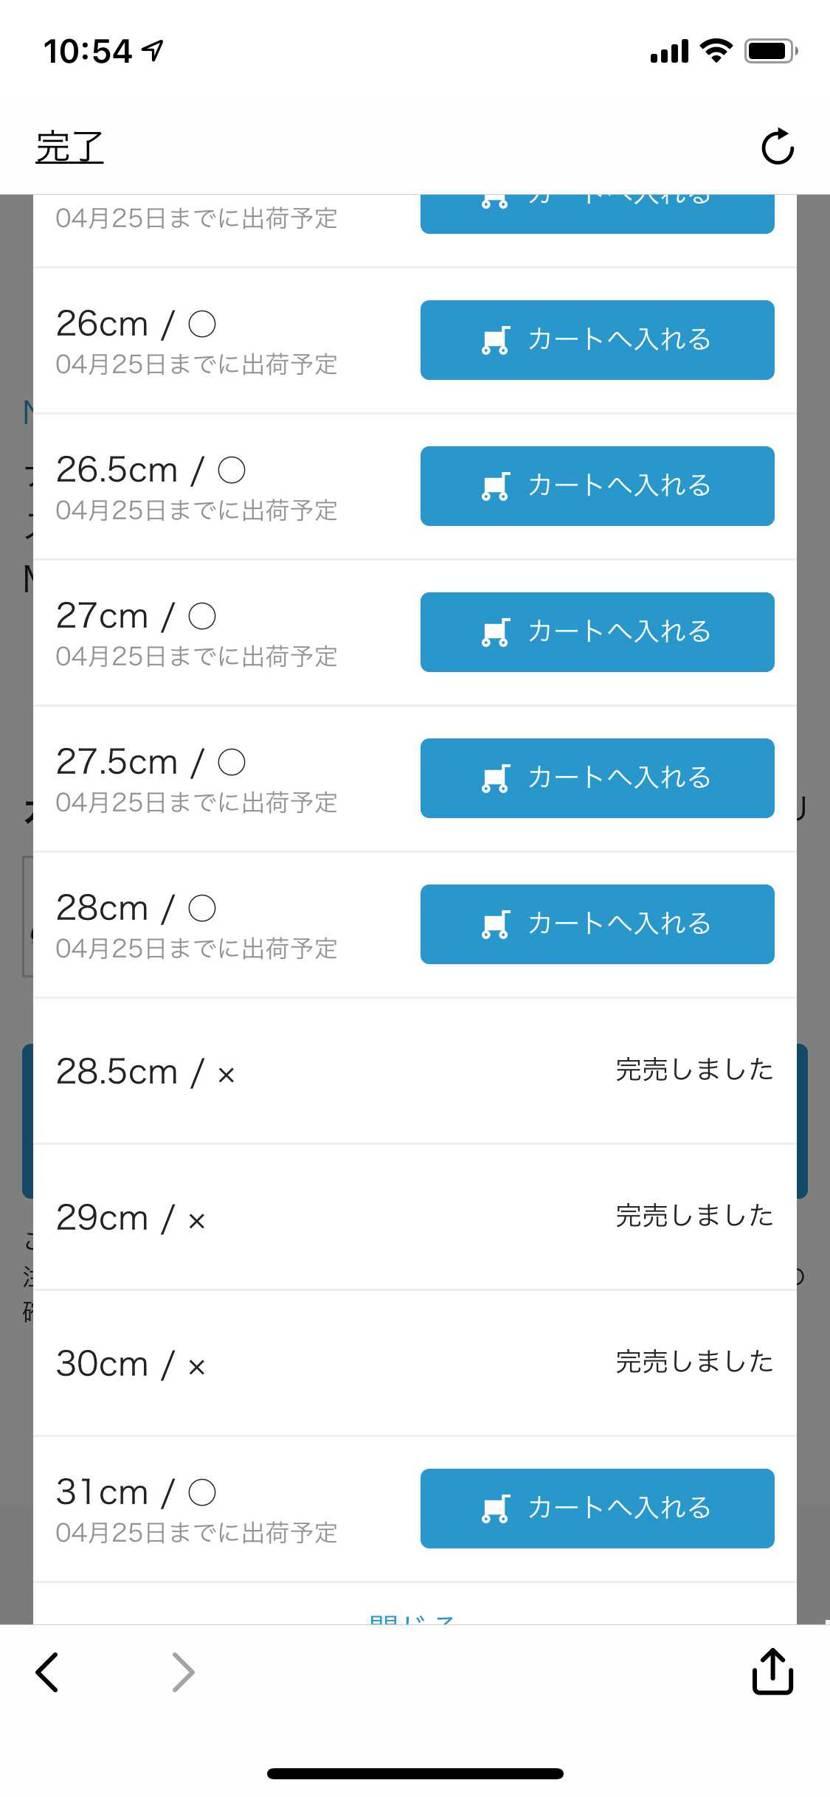 スニーカーズ白在庫あり^_^ abc写真の青3サイズ以外在庫あり、黒、白、全て